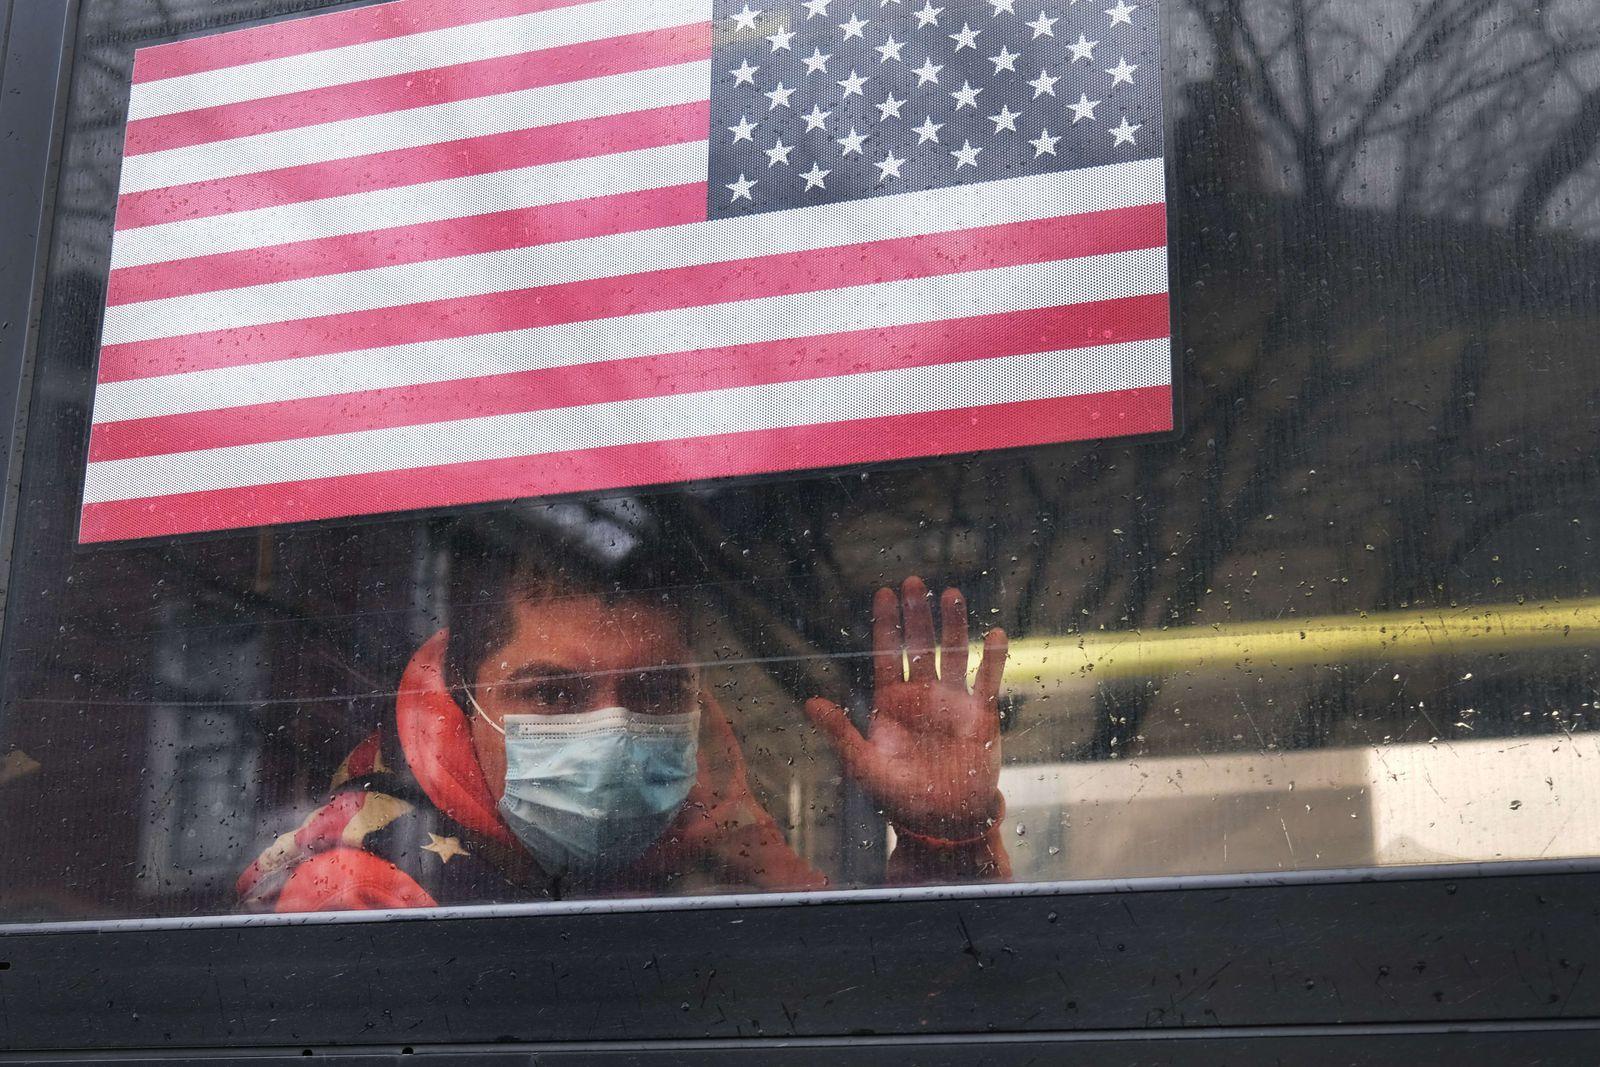 Neighborhoods In Queens Have New York City's Highest Coronavirus Infection Rates